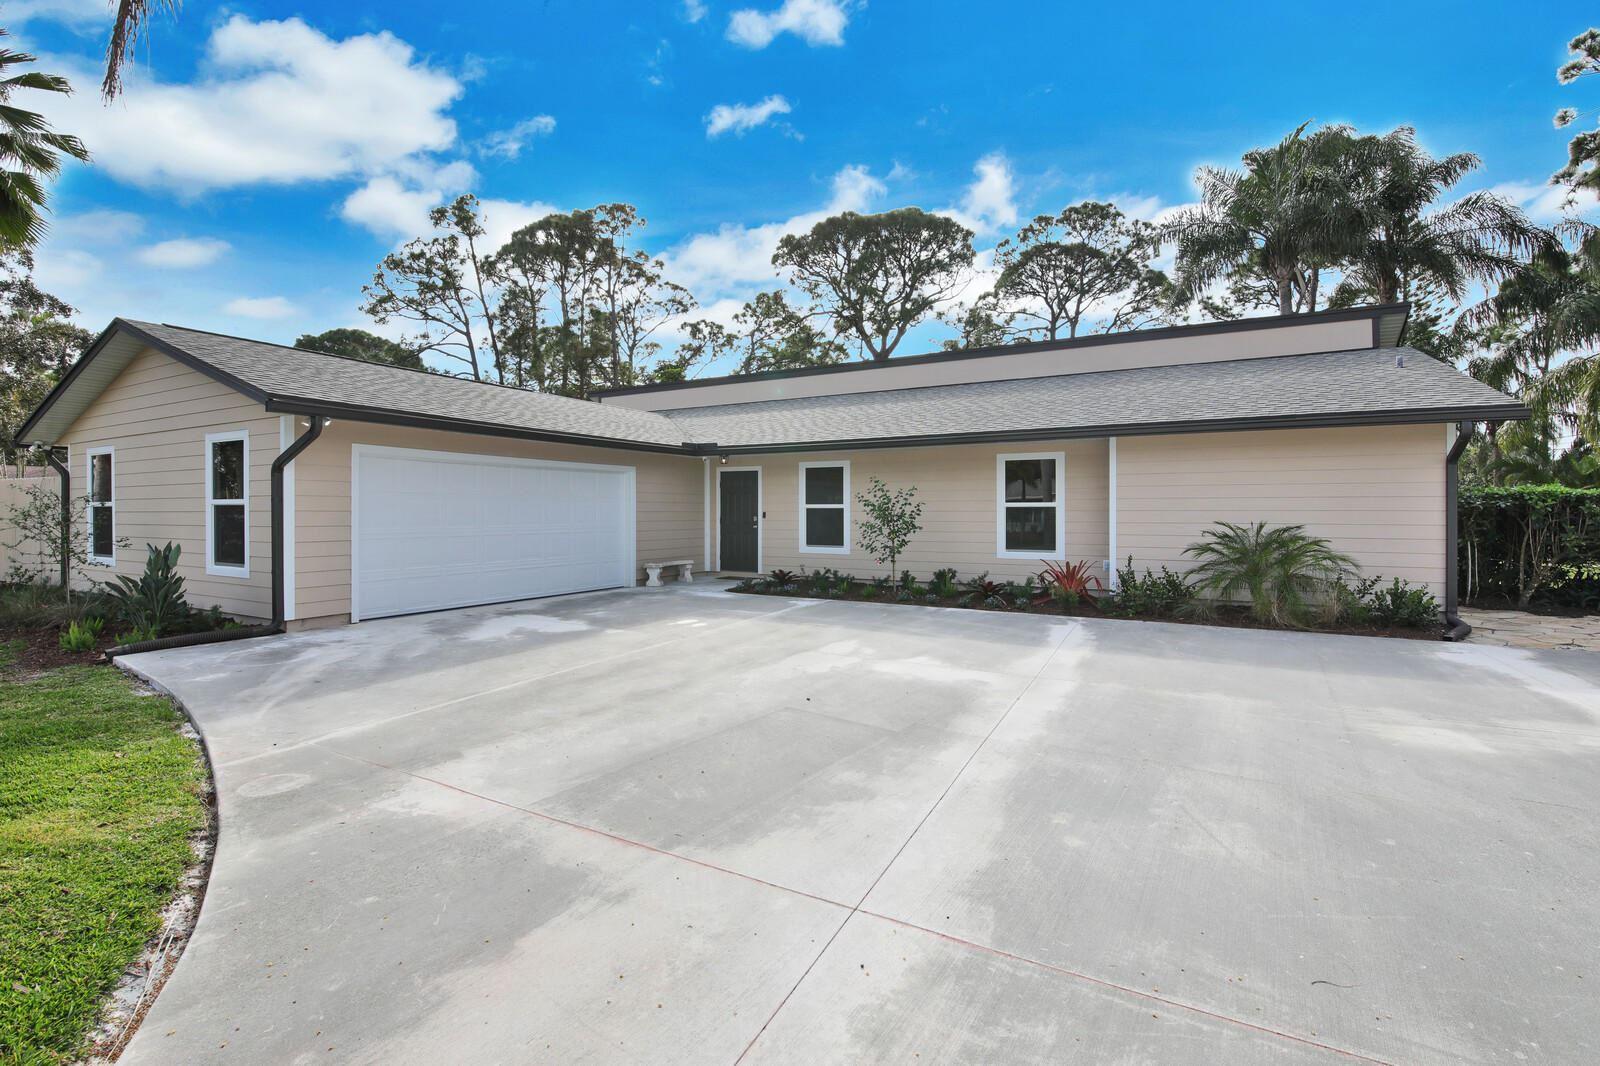 5480 SE Paramount Drive, Stuart, FL 34997 - #: RX-10681635